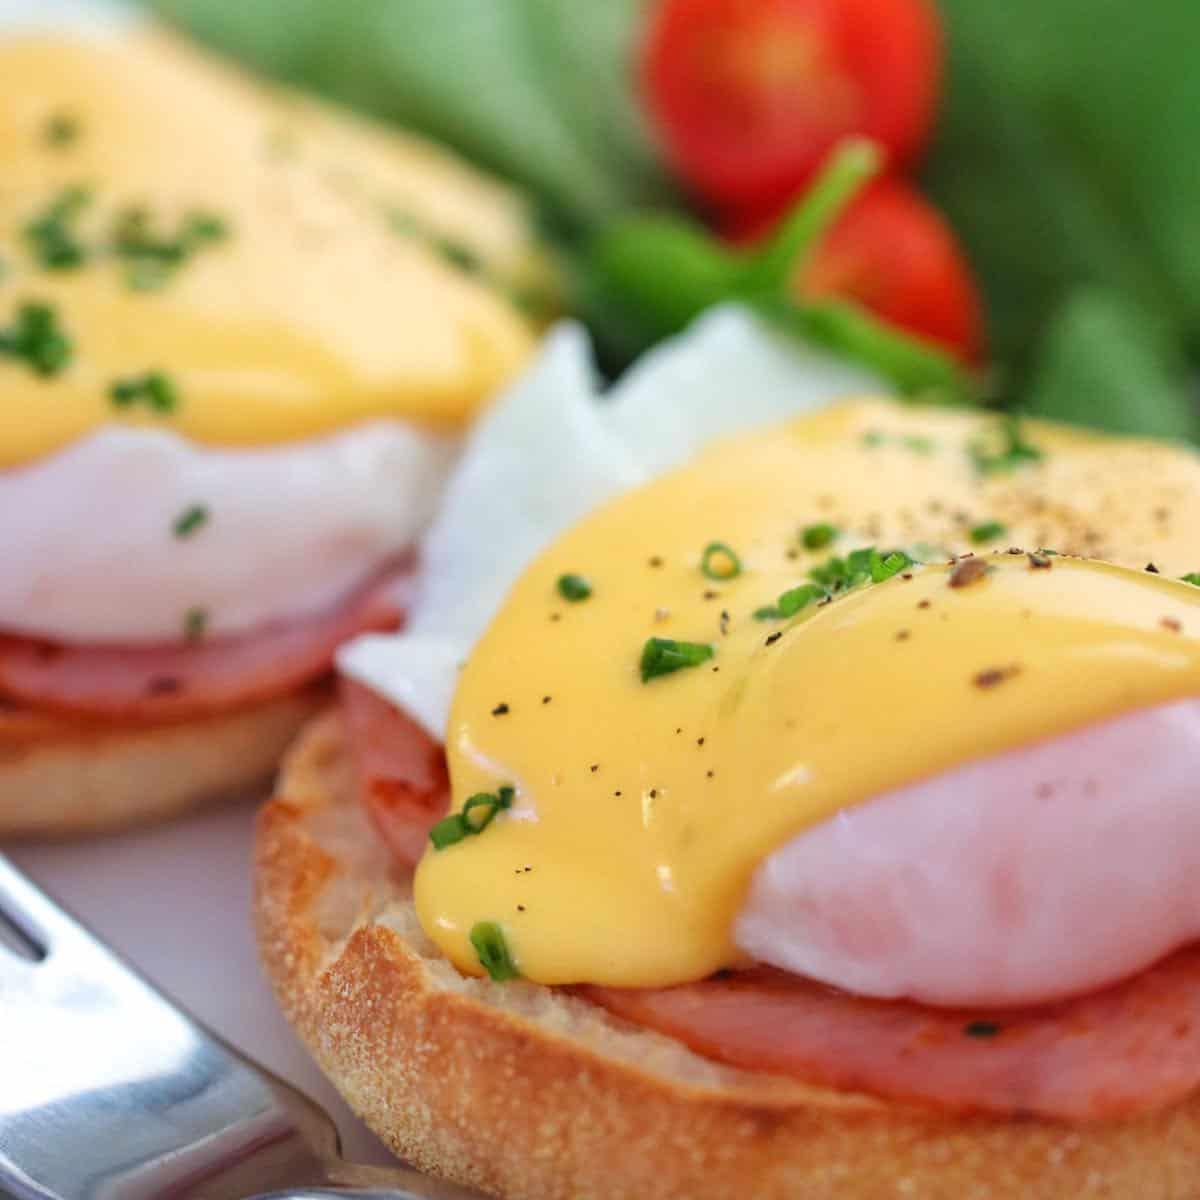 Hollandaise Sauce on eggs